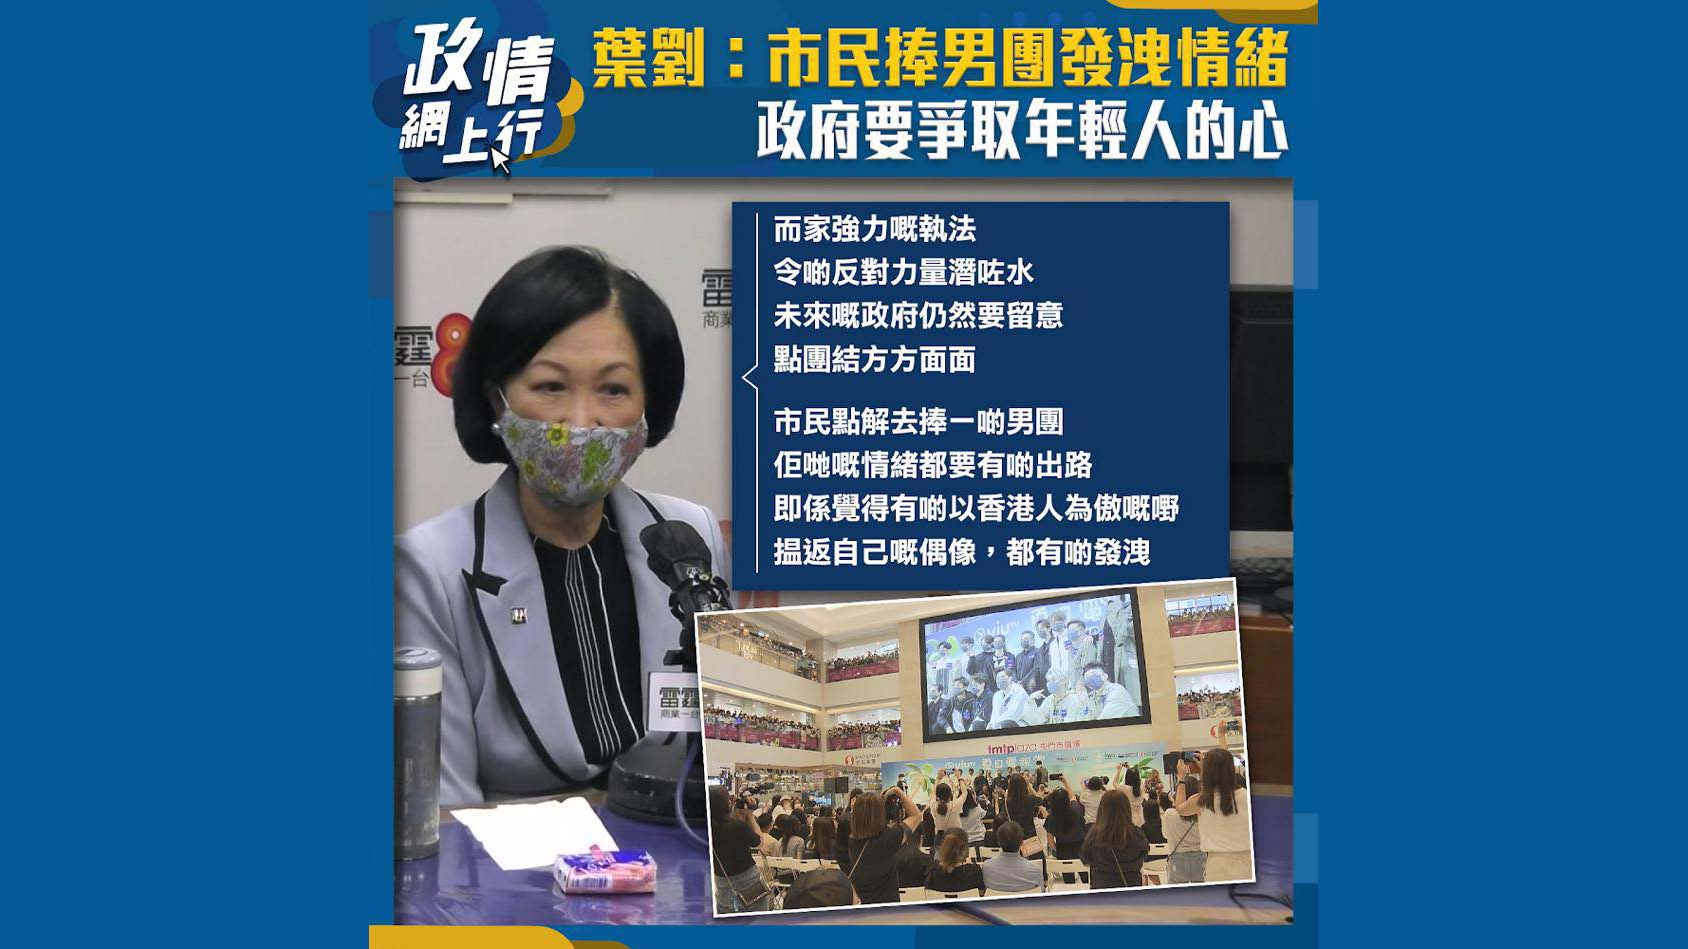 【政情網上行】葉劉:市民捧男團發洩情緒 政府要爭取年輕人的心